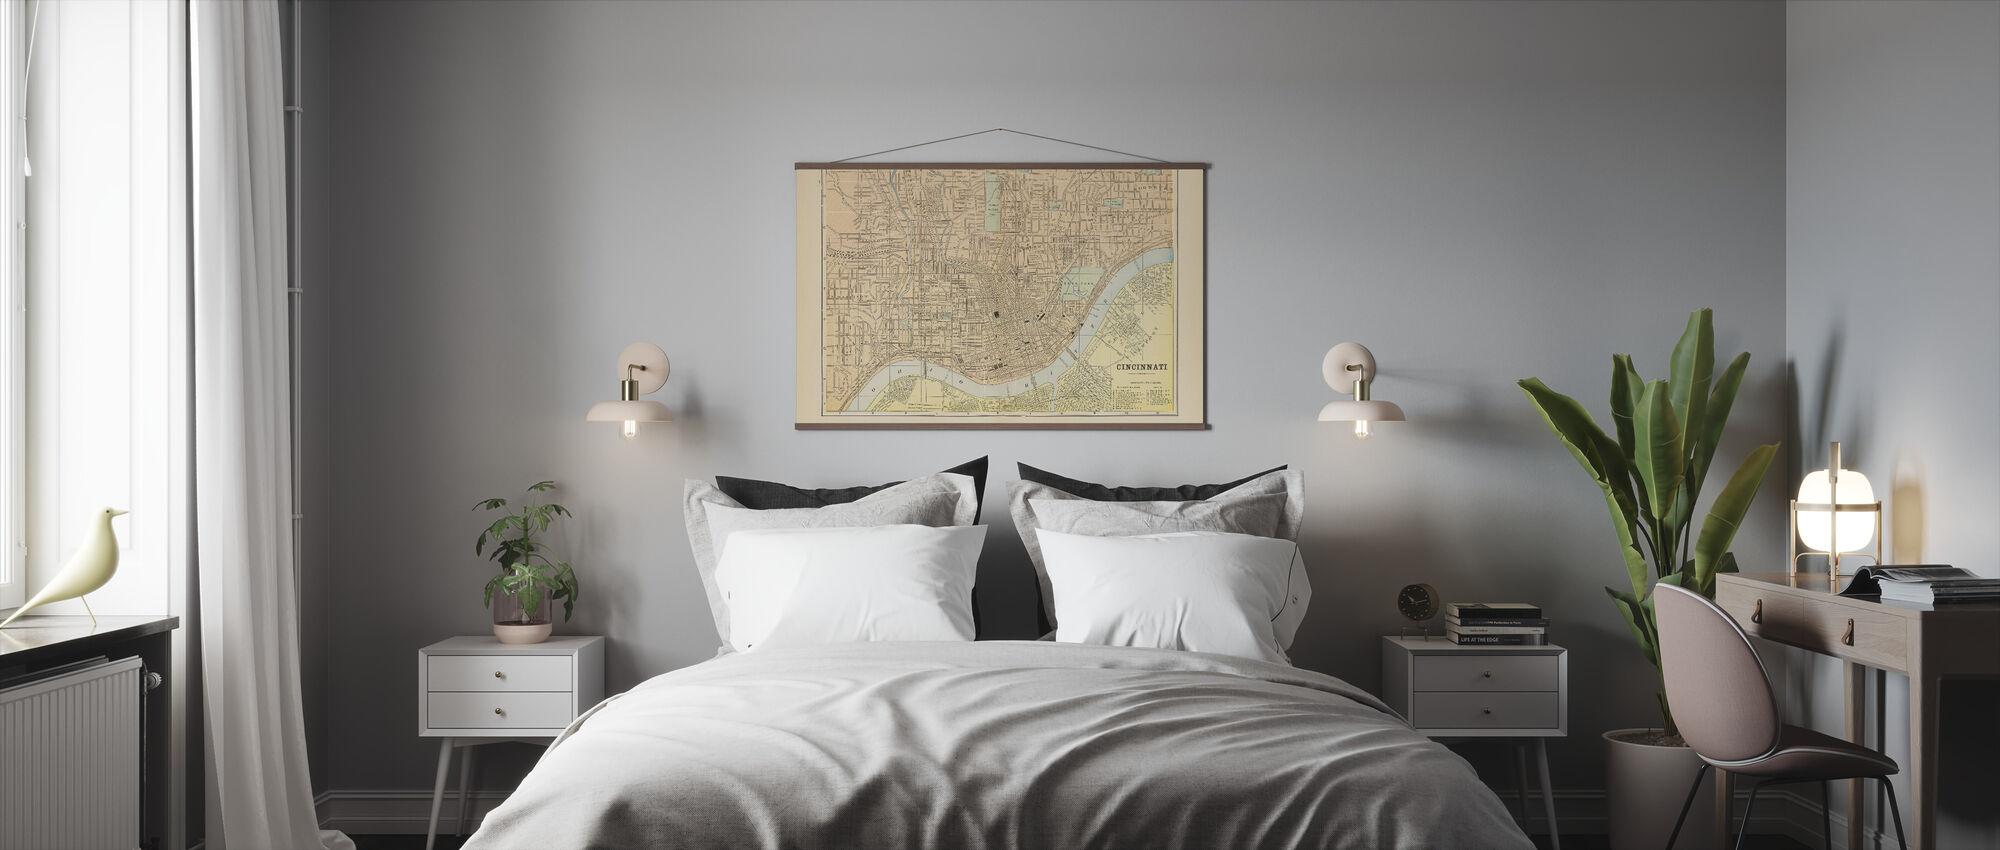 Map of Cincinnati - Poster - Bedroom